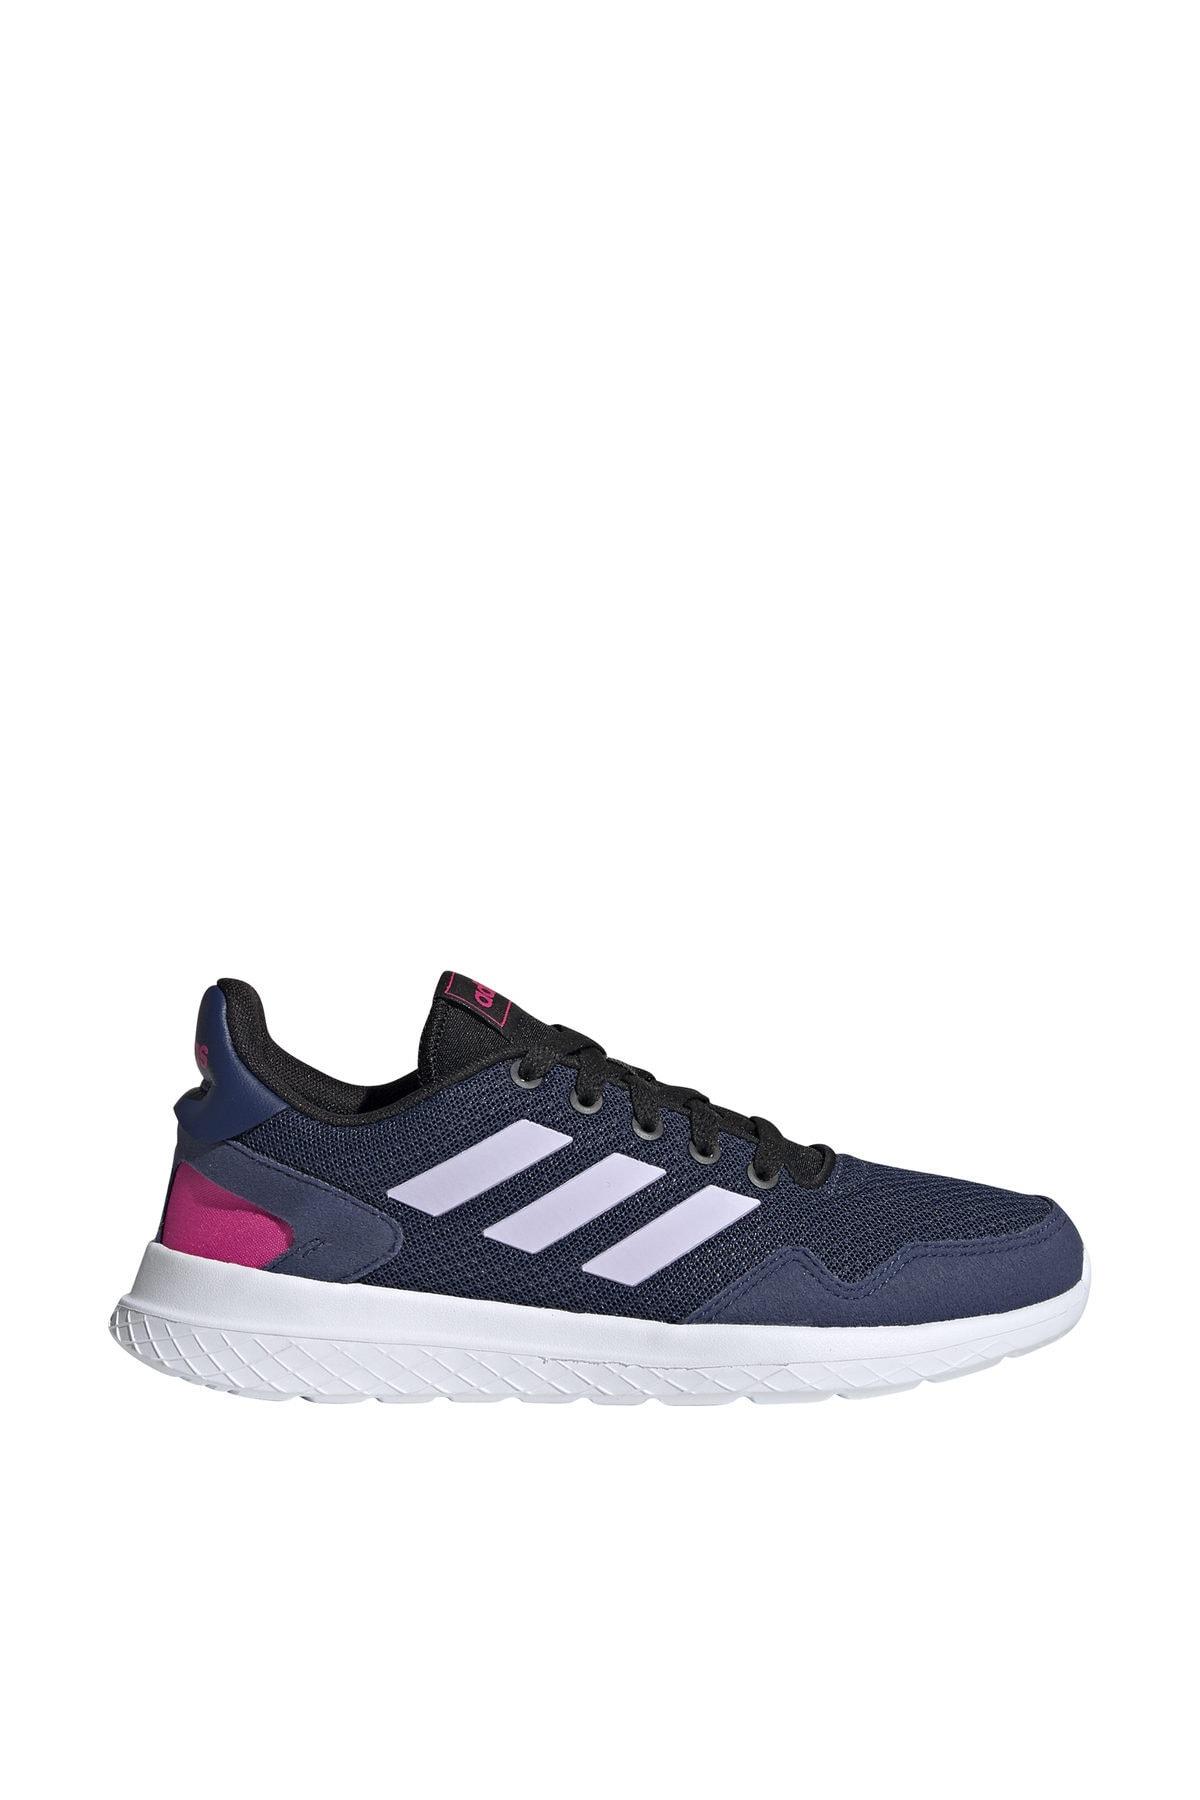 adidas ARCHIVO K Çocuk Spor Ayakkabı 1